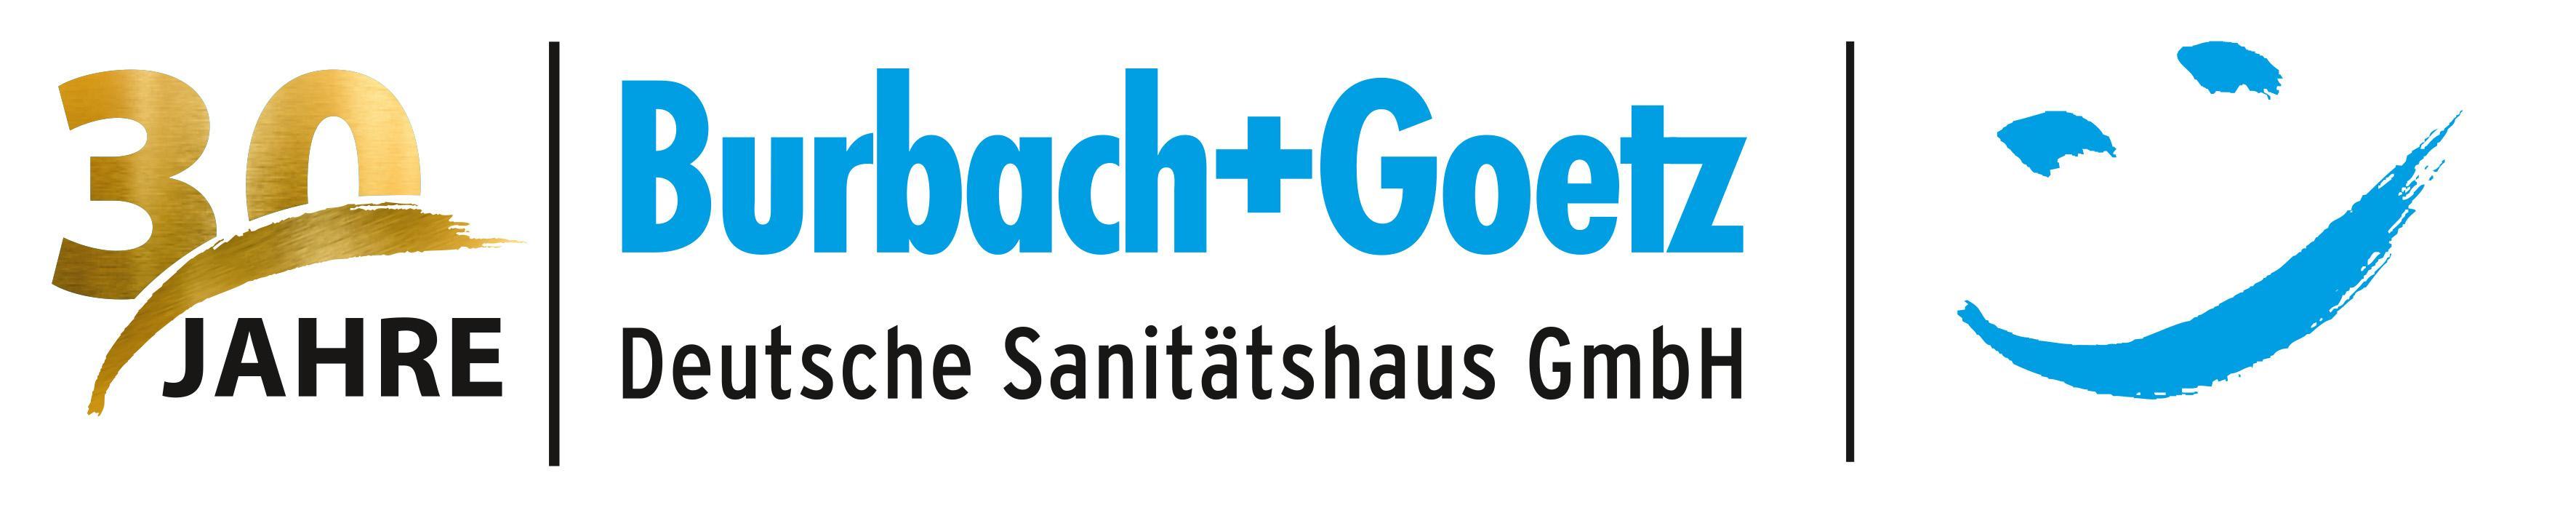 30 Jahre Burbach + Goetz, Ihr Sanitätshaus